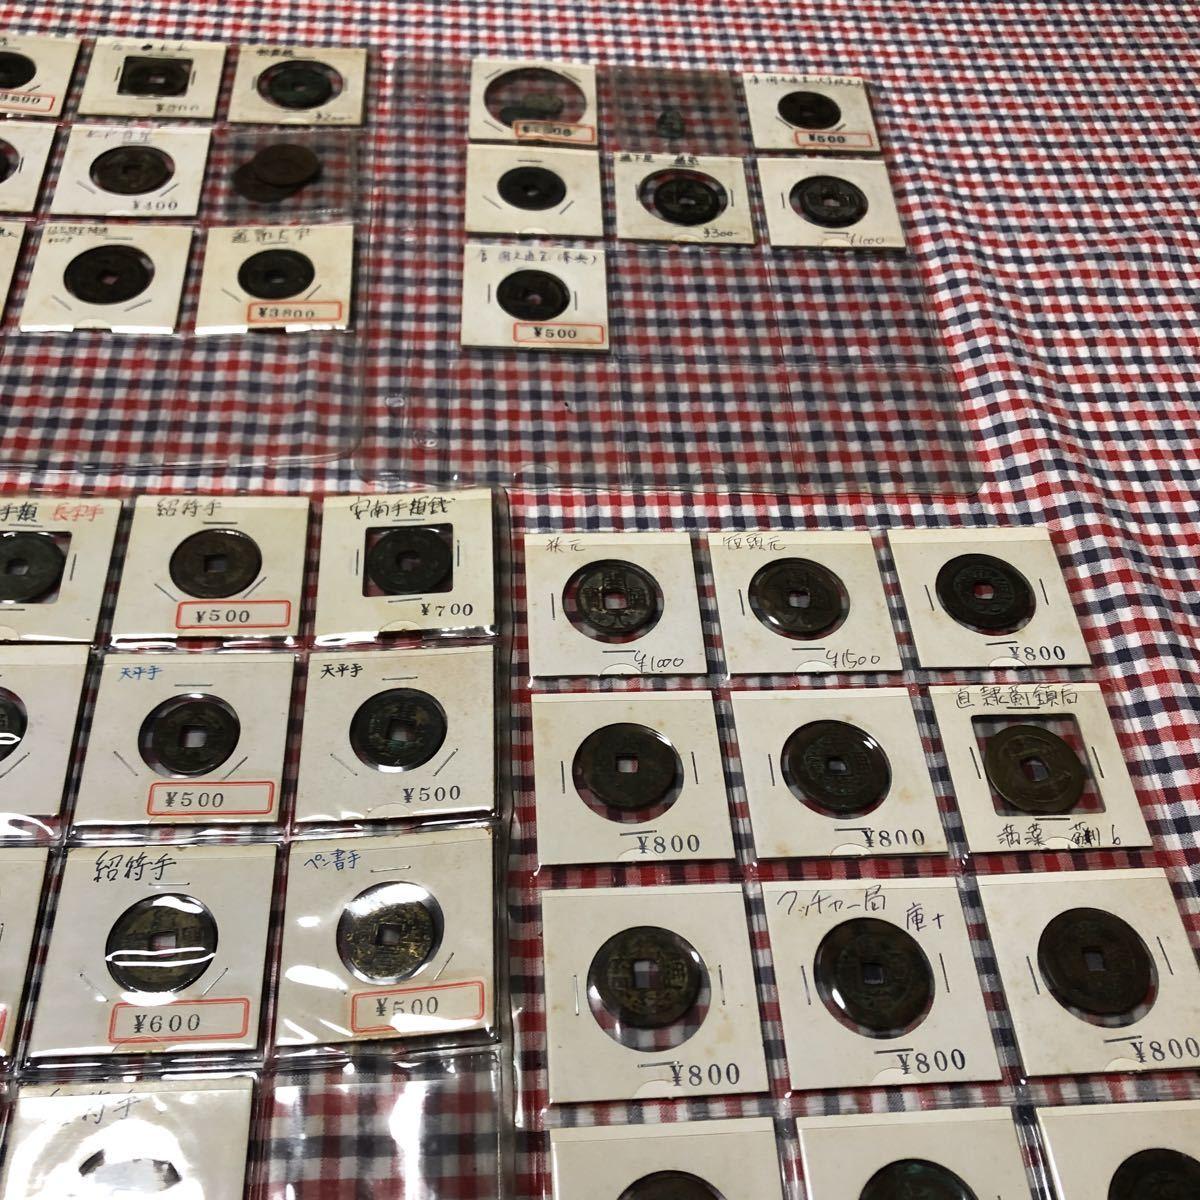 古銭 日本銭、中国銭、安南銭 いろいろ 78枚